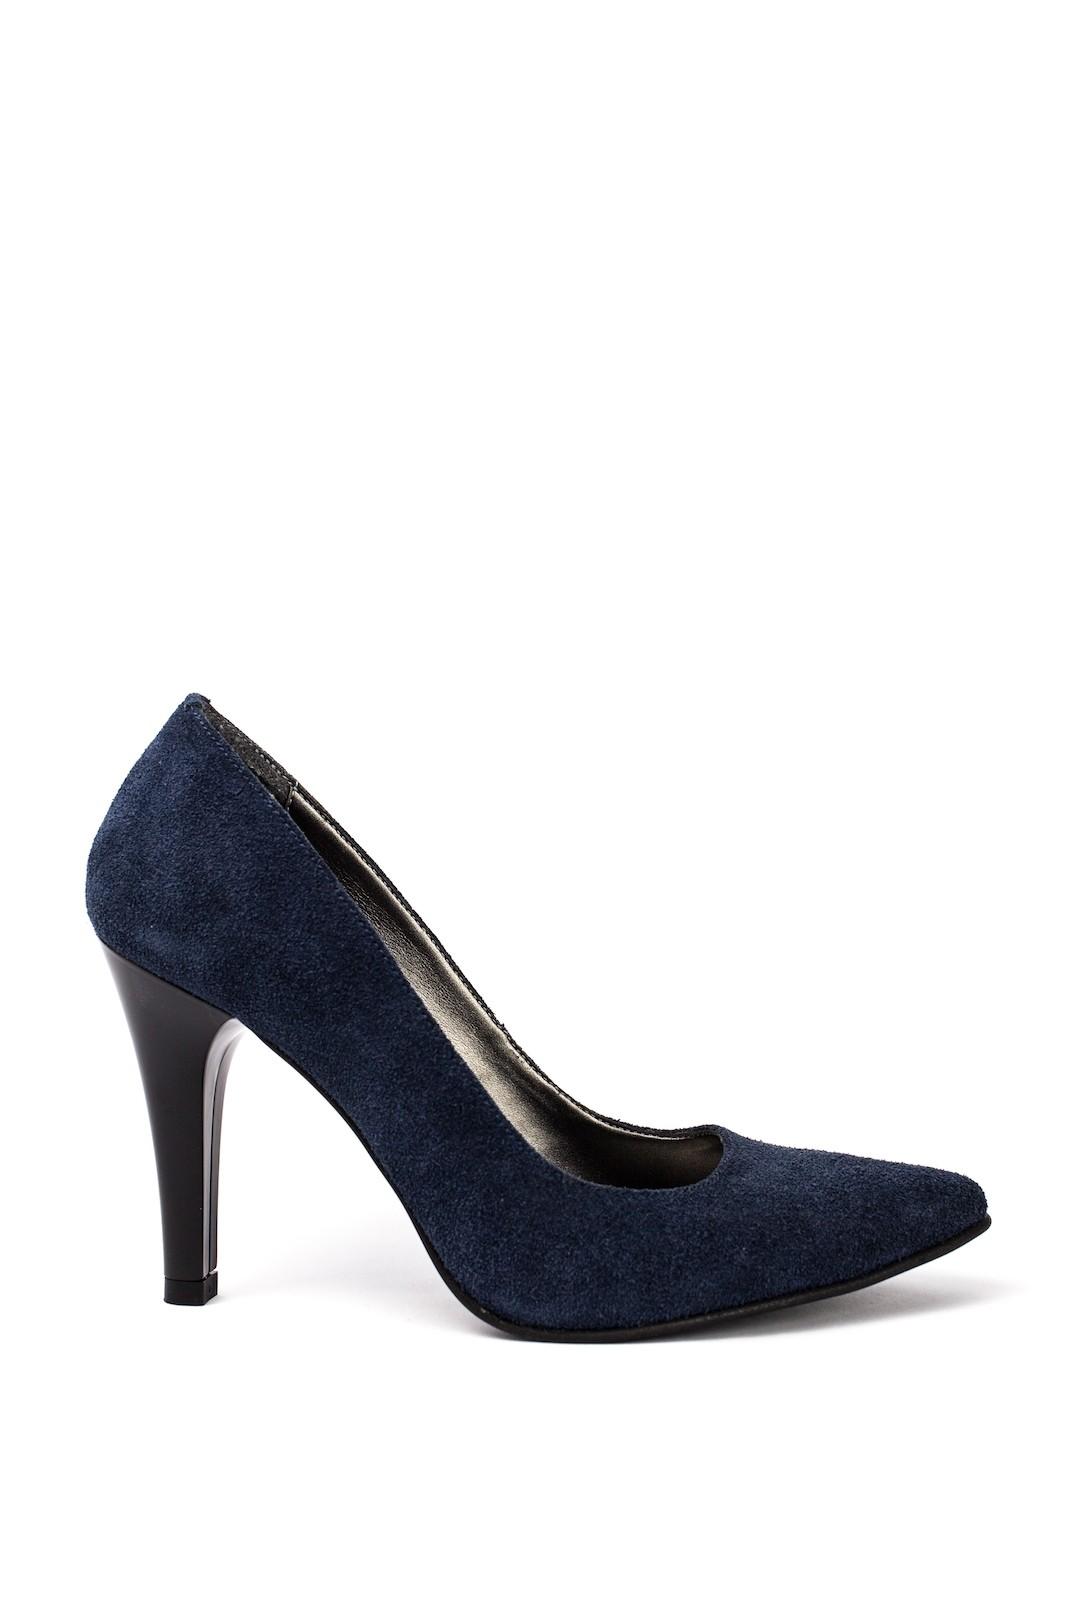 Pantofi Dama piele naturala albastru Lisandra